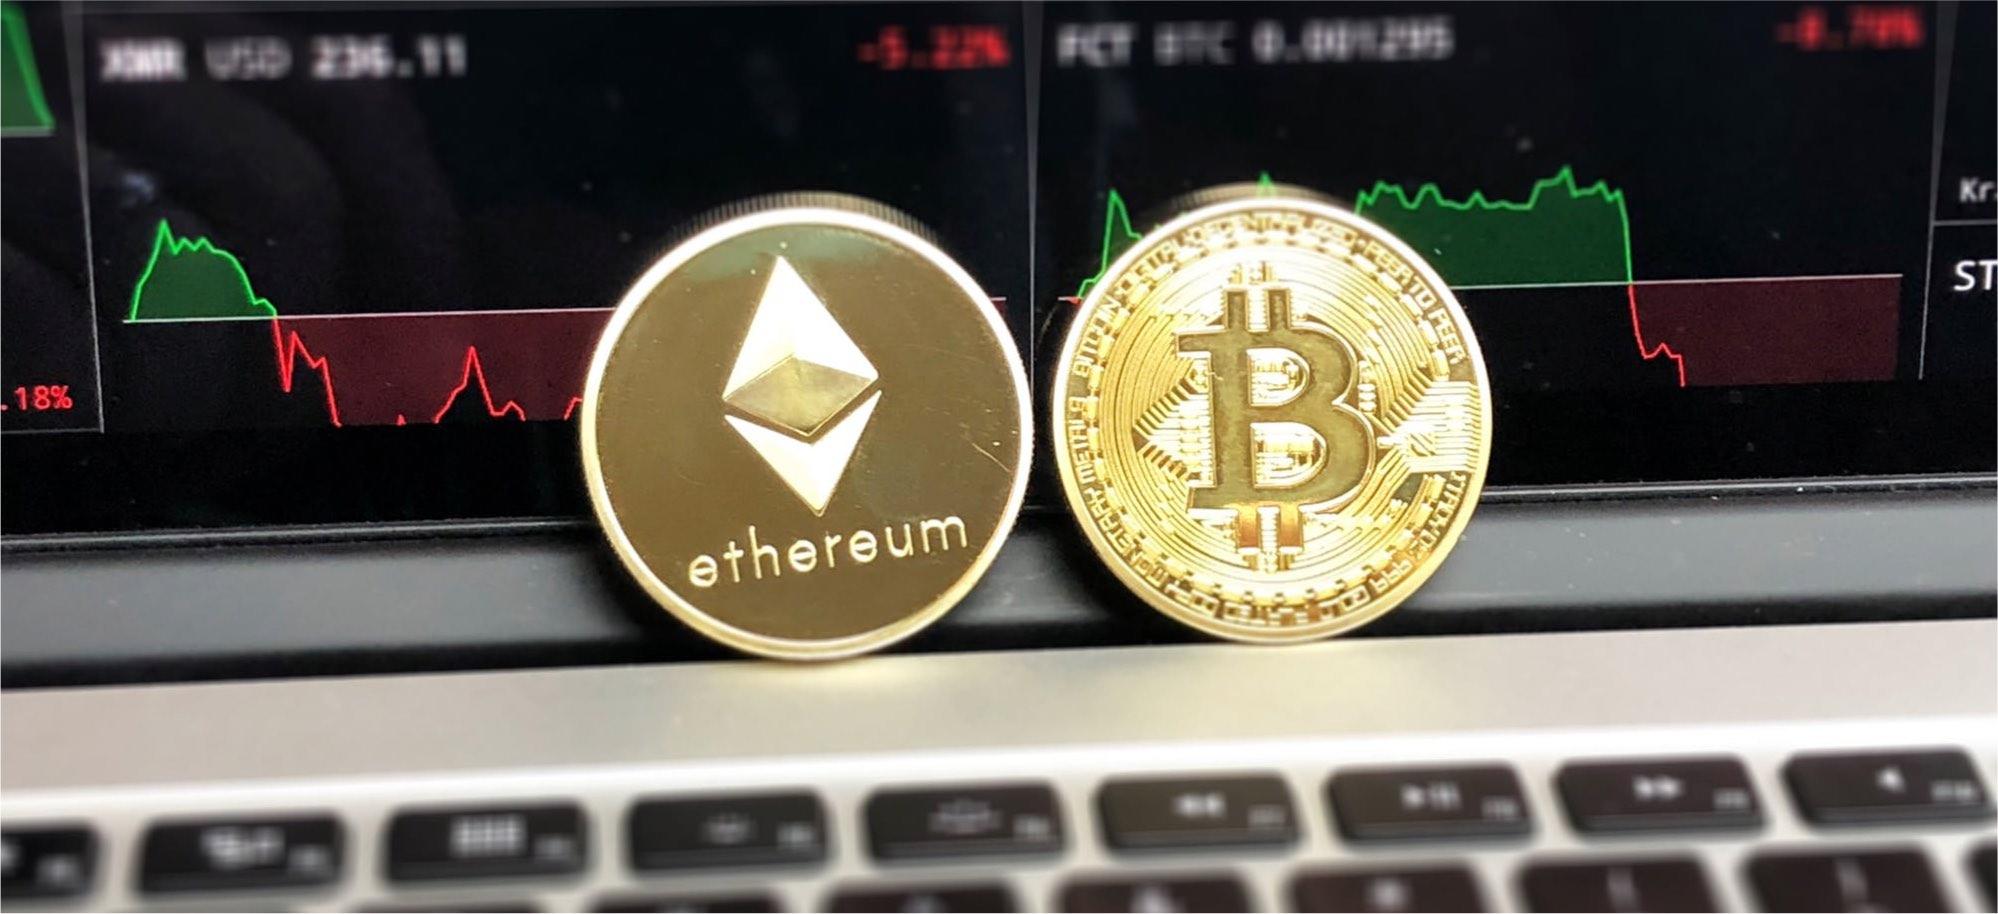 Por qué me salté Bitcoin y me pasé directo a invertir en Ethereum